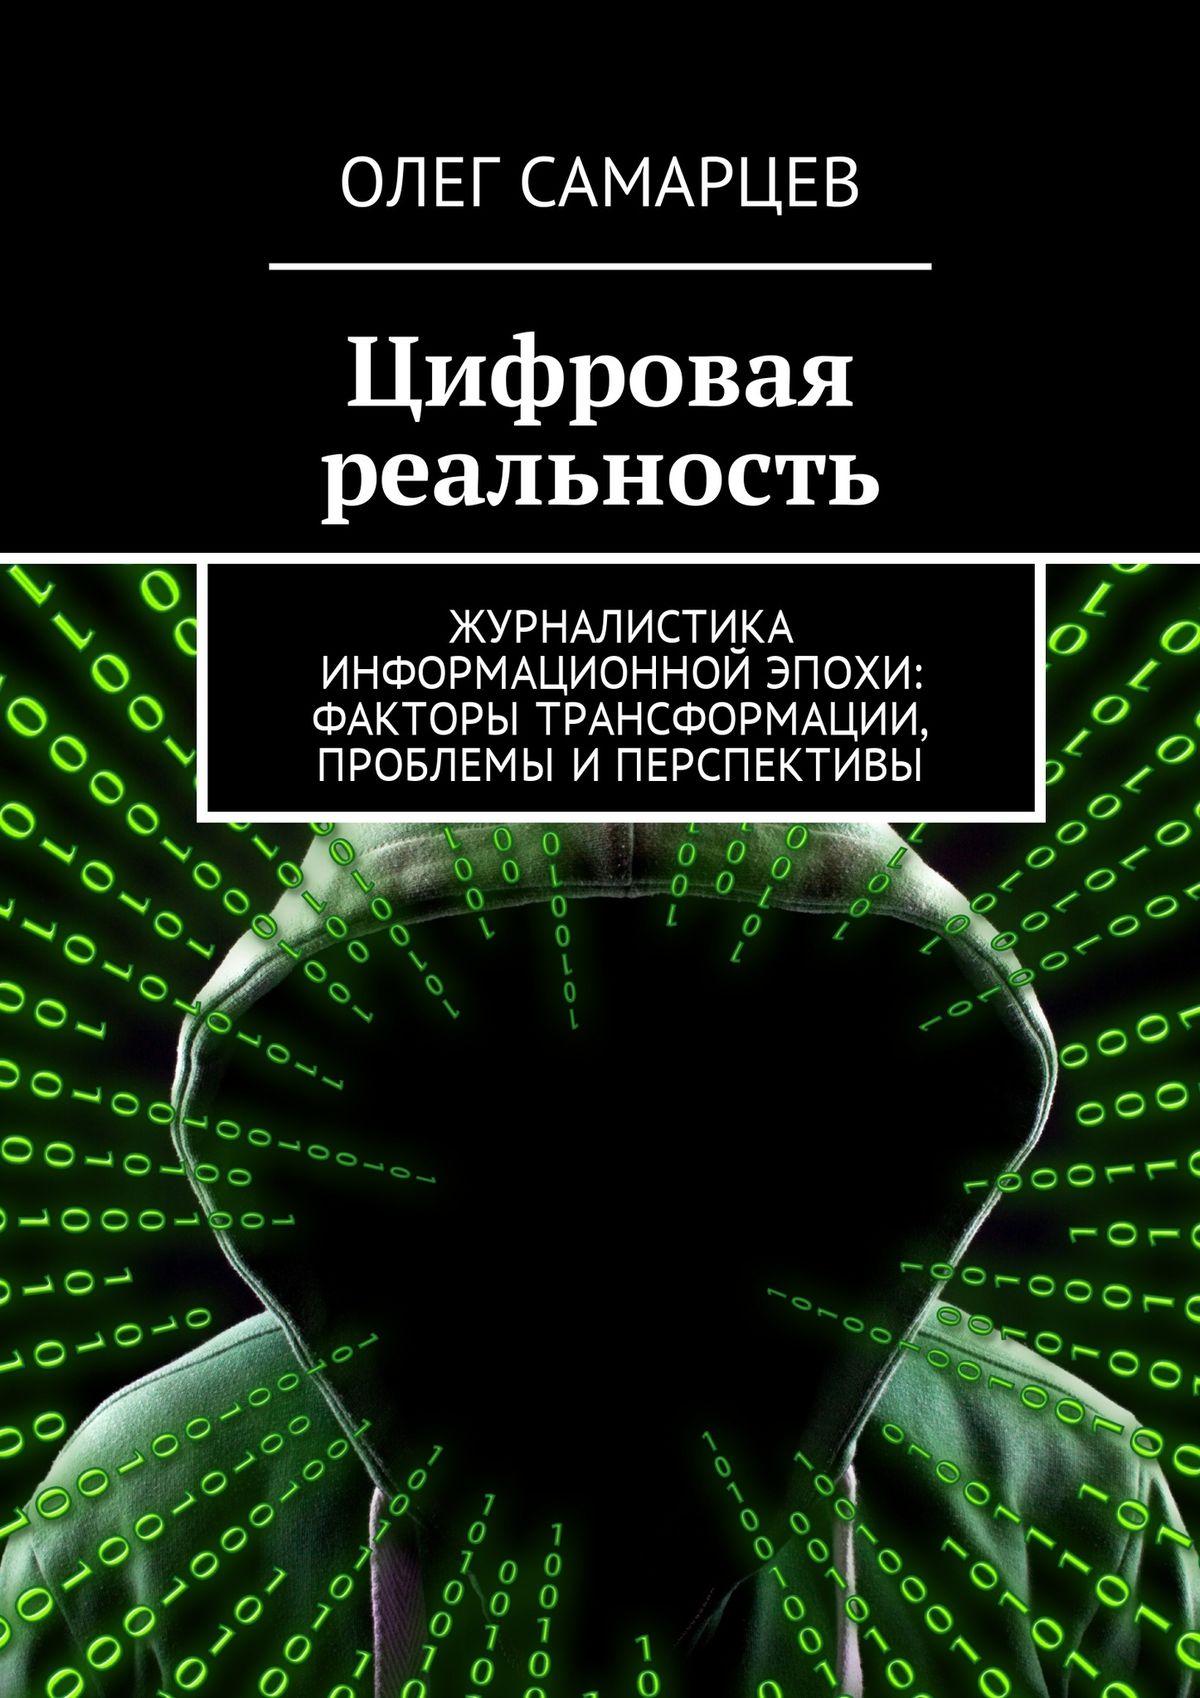 Цифровая реальность. Журналистика информационной эпохи: факторы трансформации, проблемы иперспективы